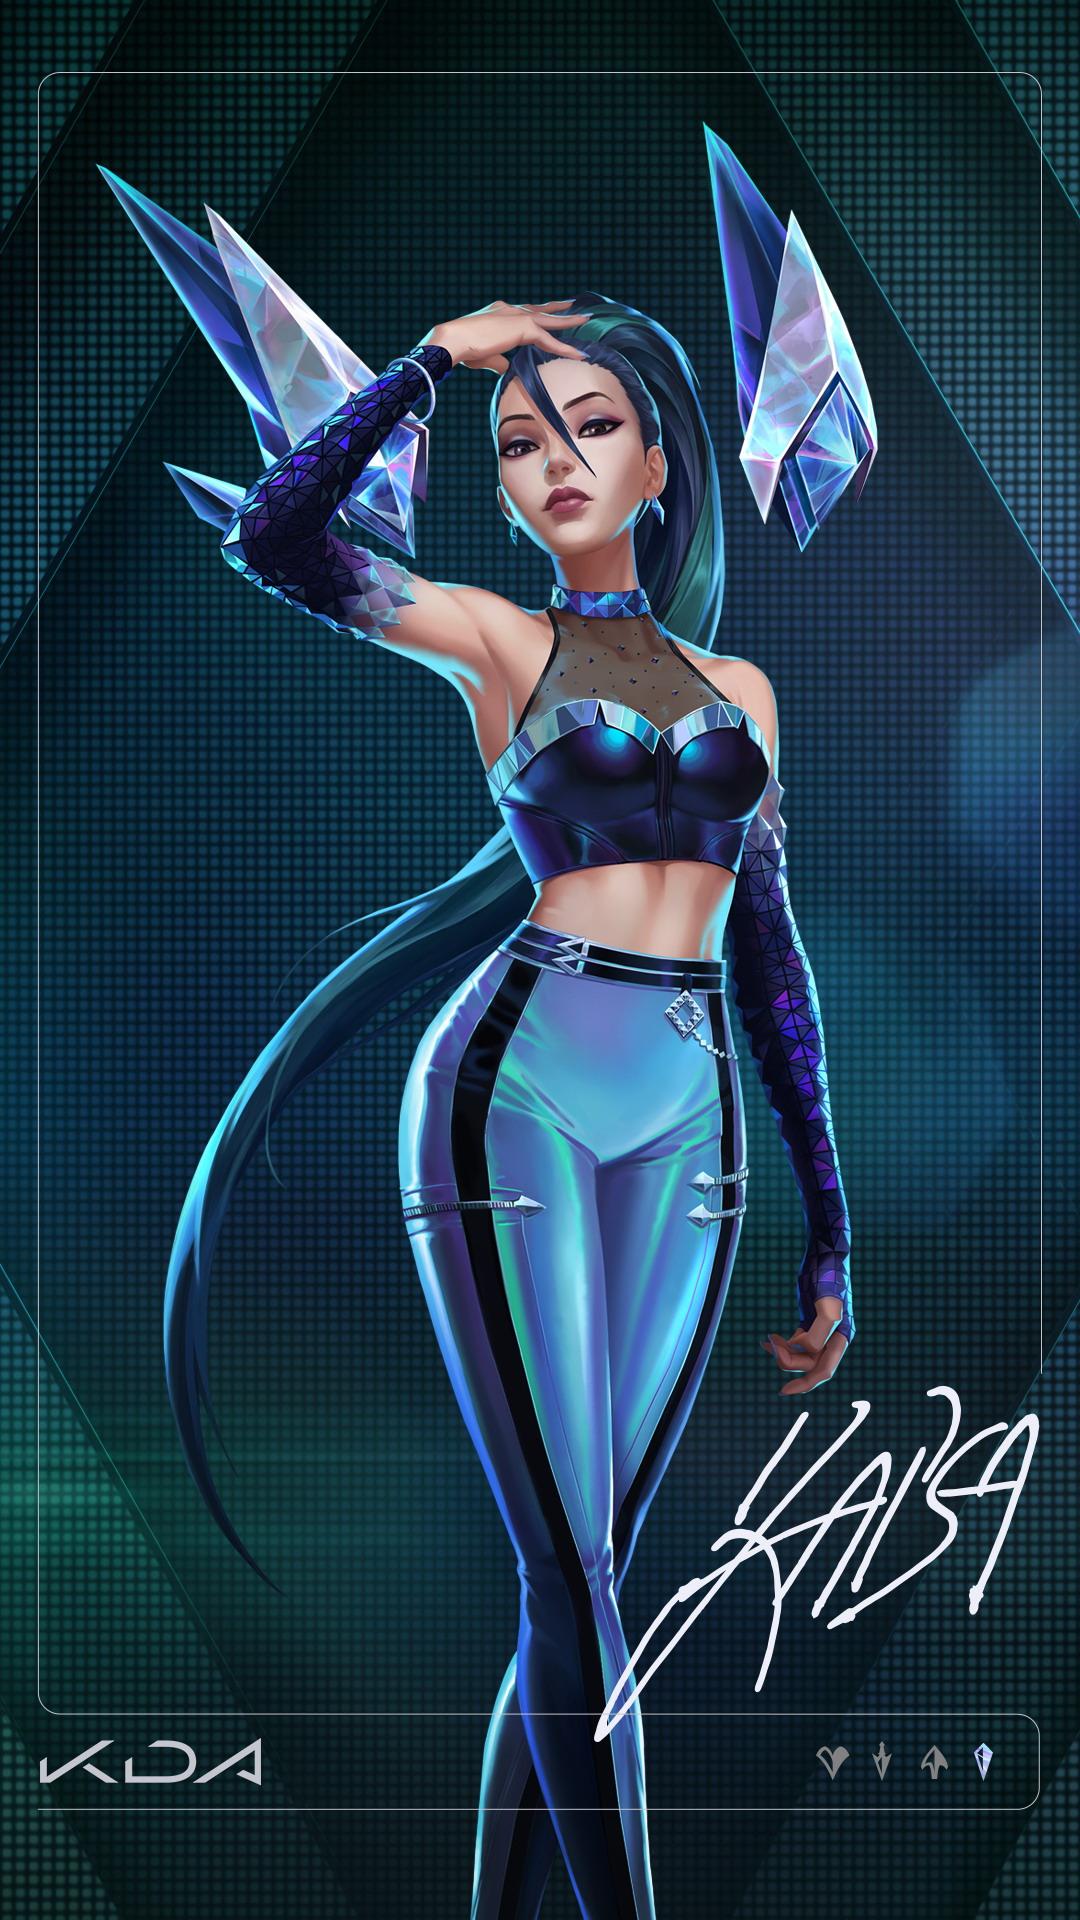 《英雄联盟》KDA女团卡莎新照 破茧重生的舞者